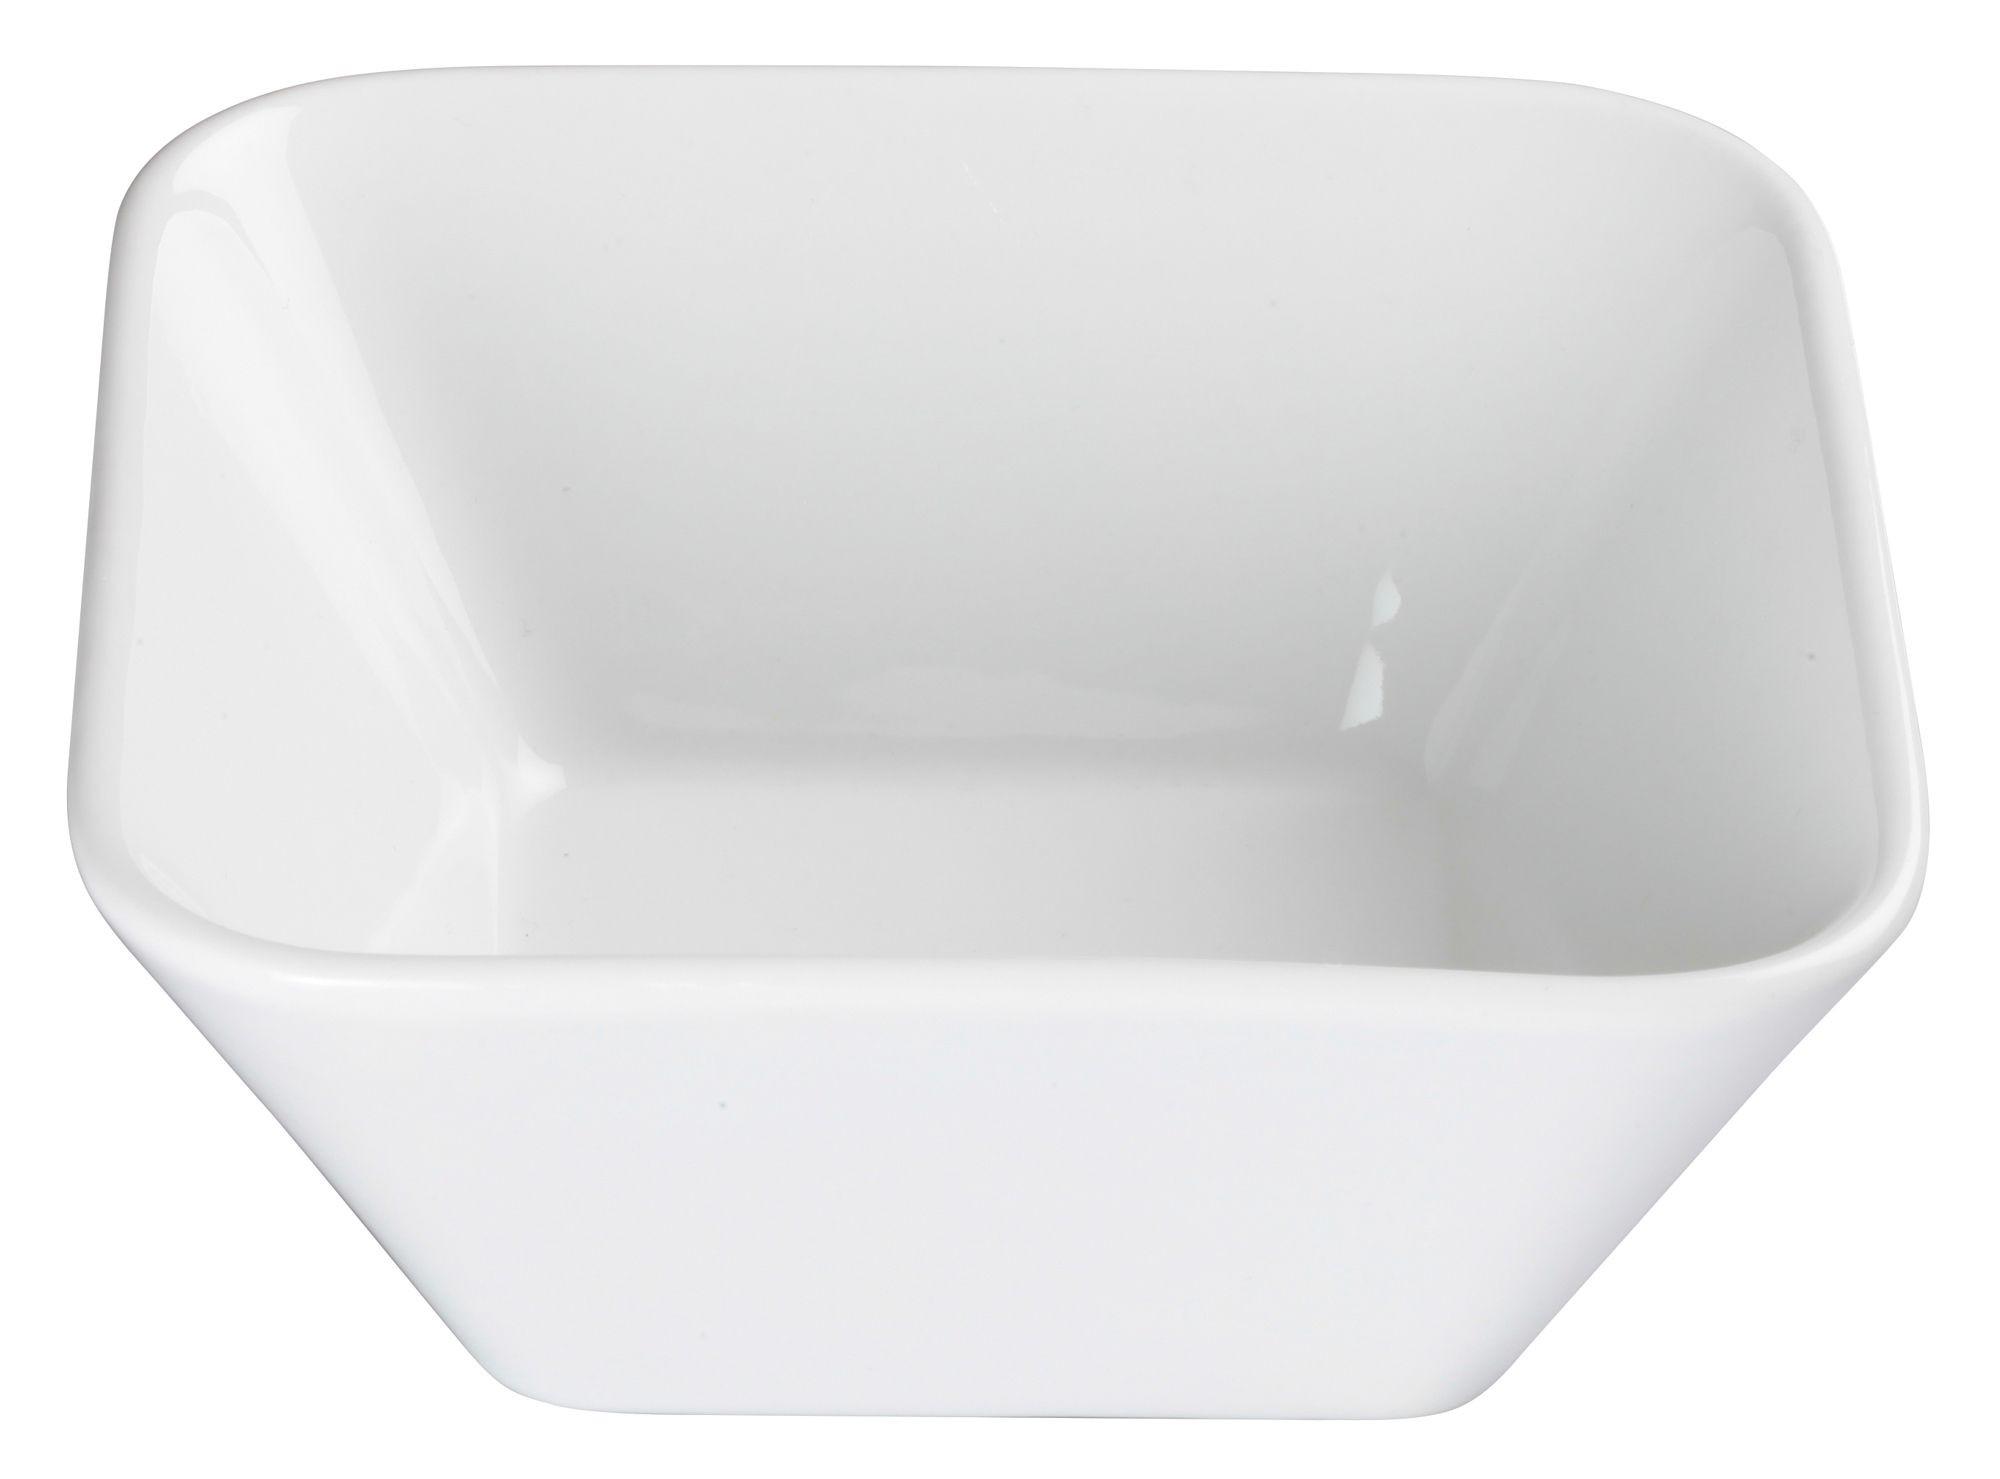 """Winco WDP008-102 Laurets Porcelain Bright White Square Bowl 6-1/4"""""""